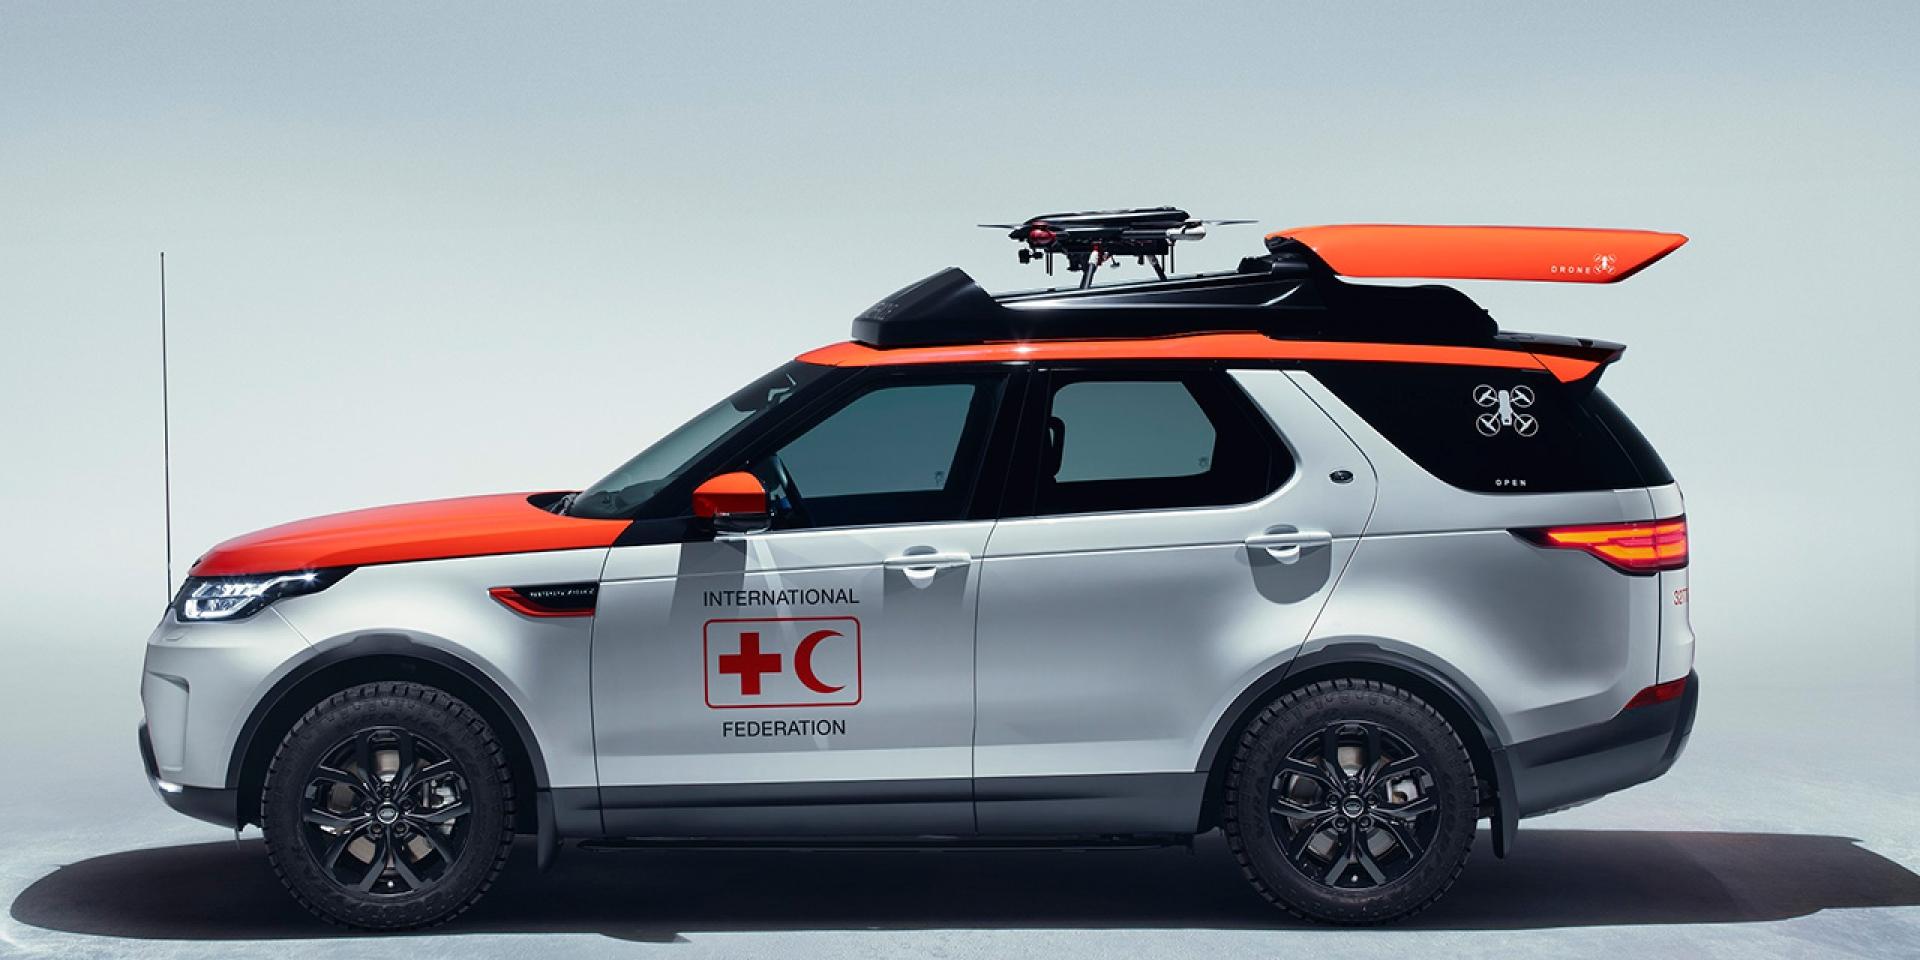 標配空拍機的救難SUV!Land Rover All-New Discovery Project Hero